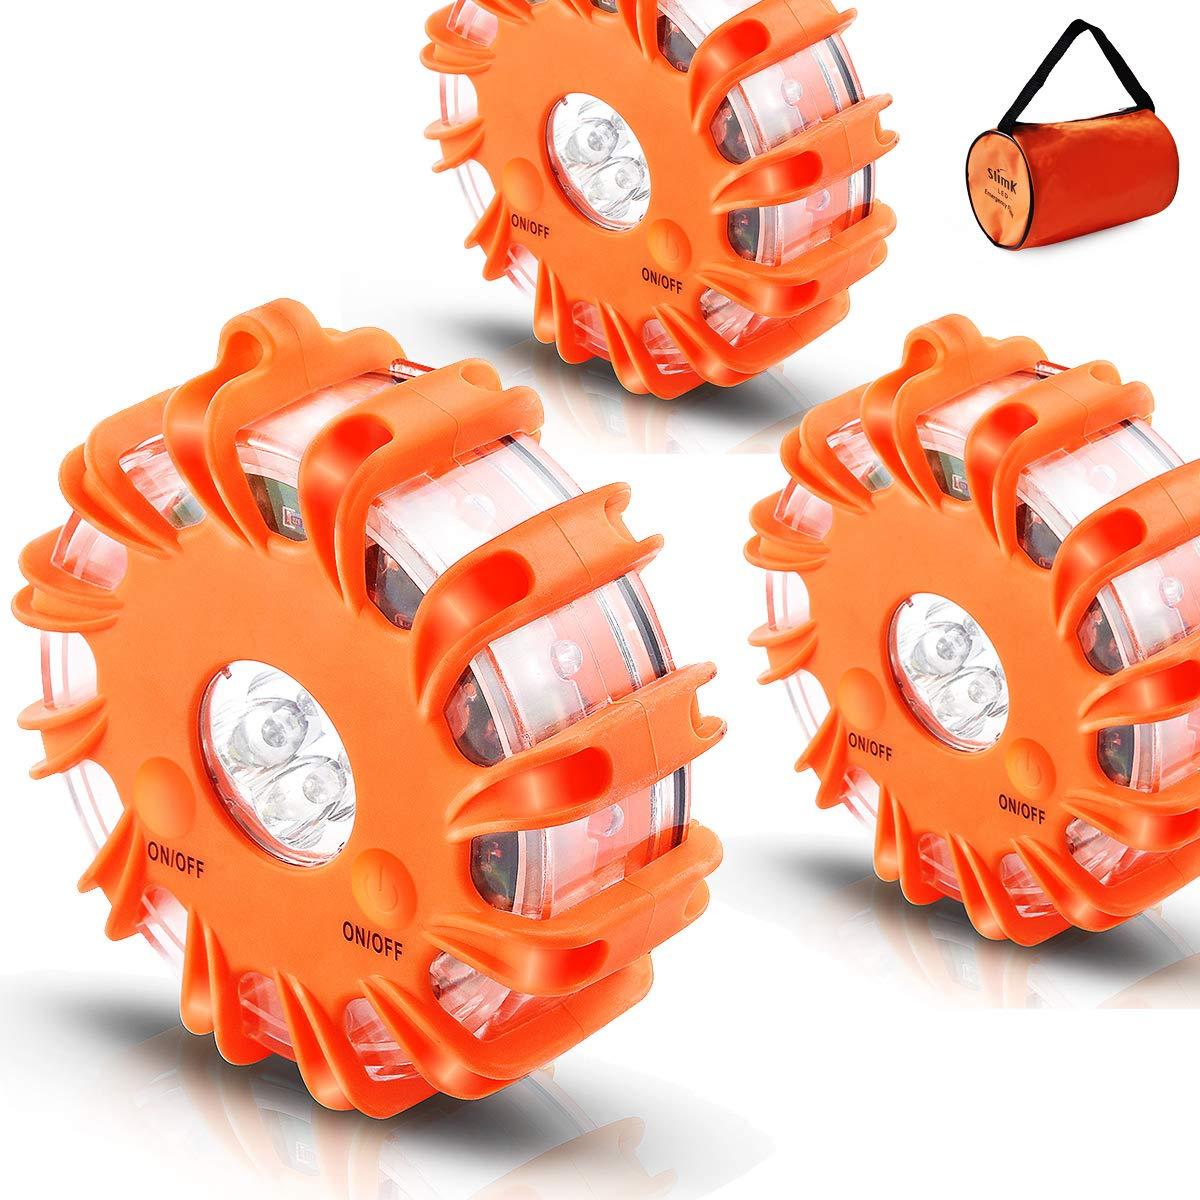 SlimK Red LED Safety Flare Roadside Emergency Warning, Car Safety Flares Kit Vehicles & Boat Flashing Beacon Light 3 Packs